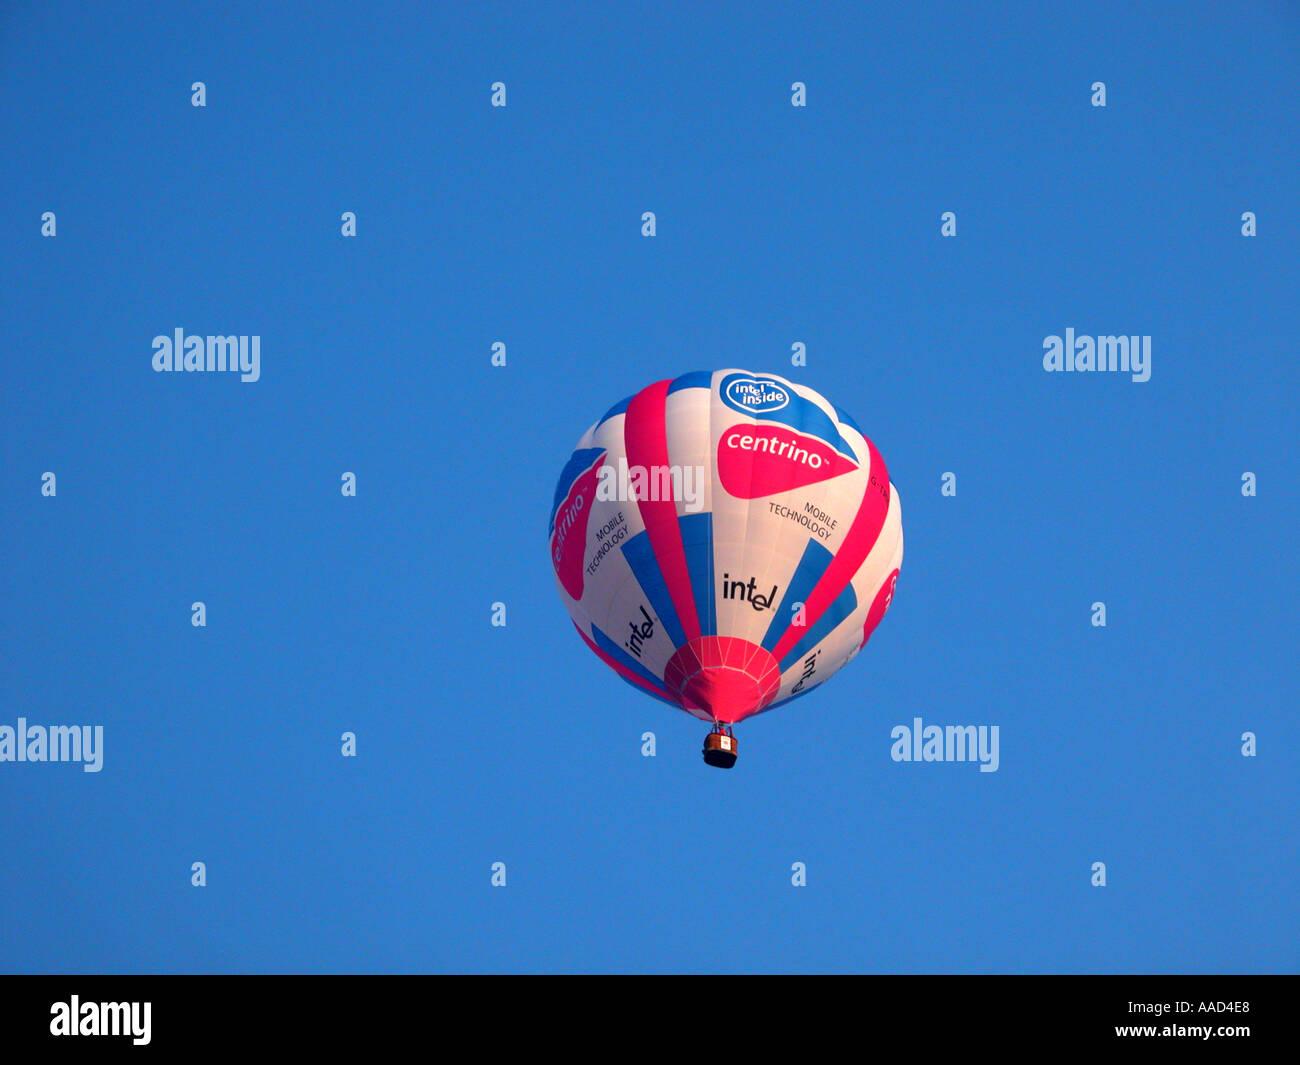 Intel centrino palloncino in aria Immagini Stock